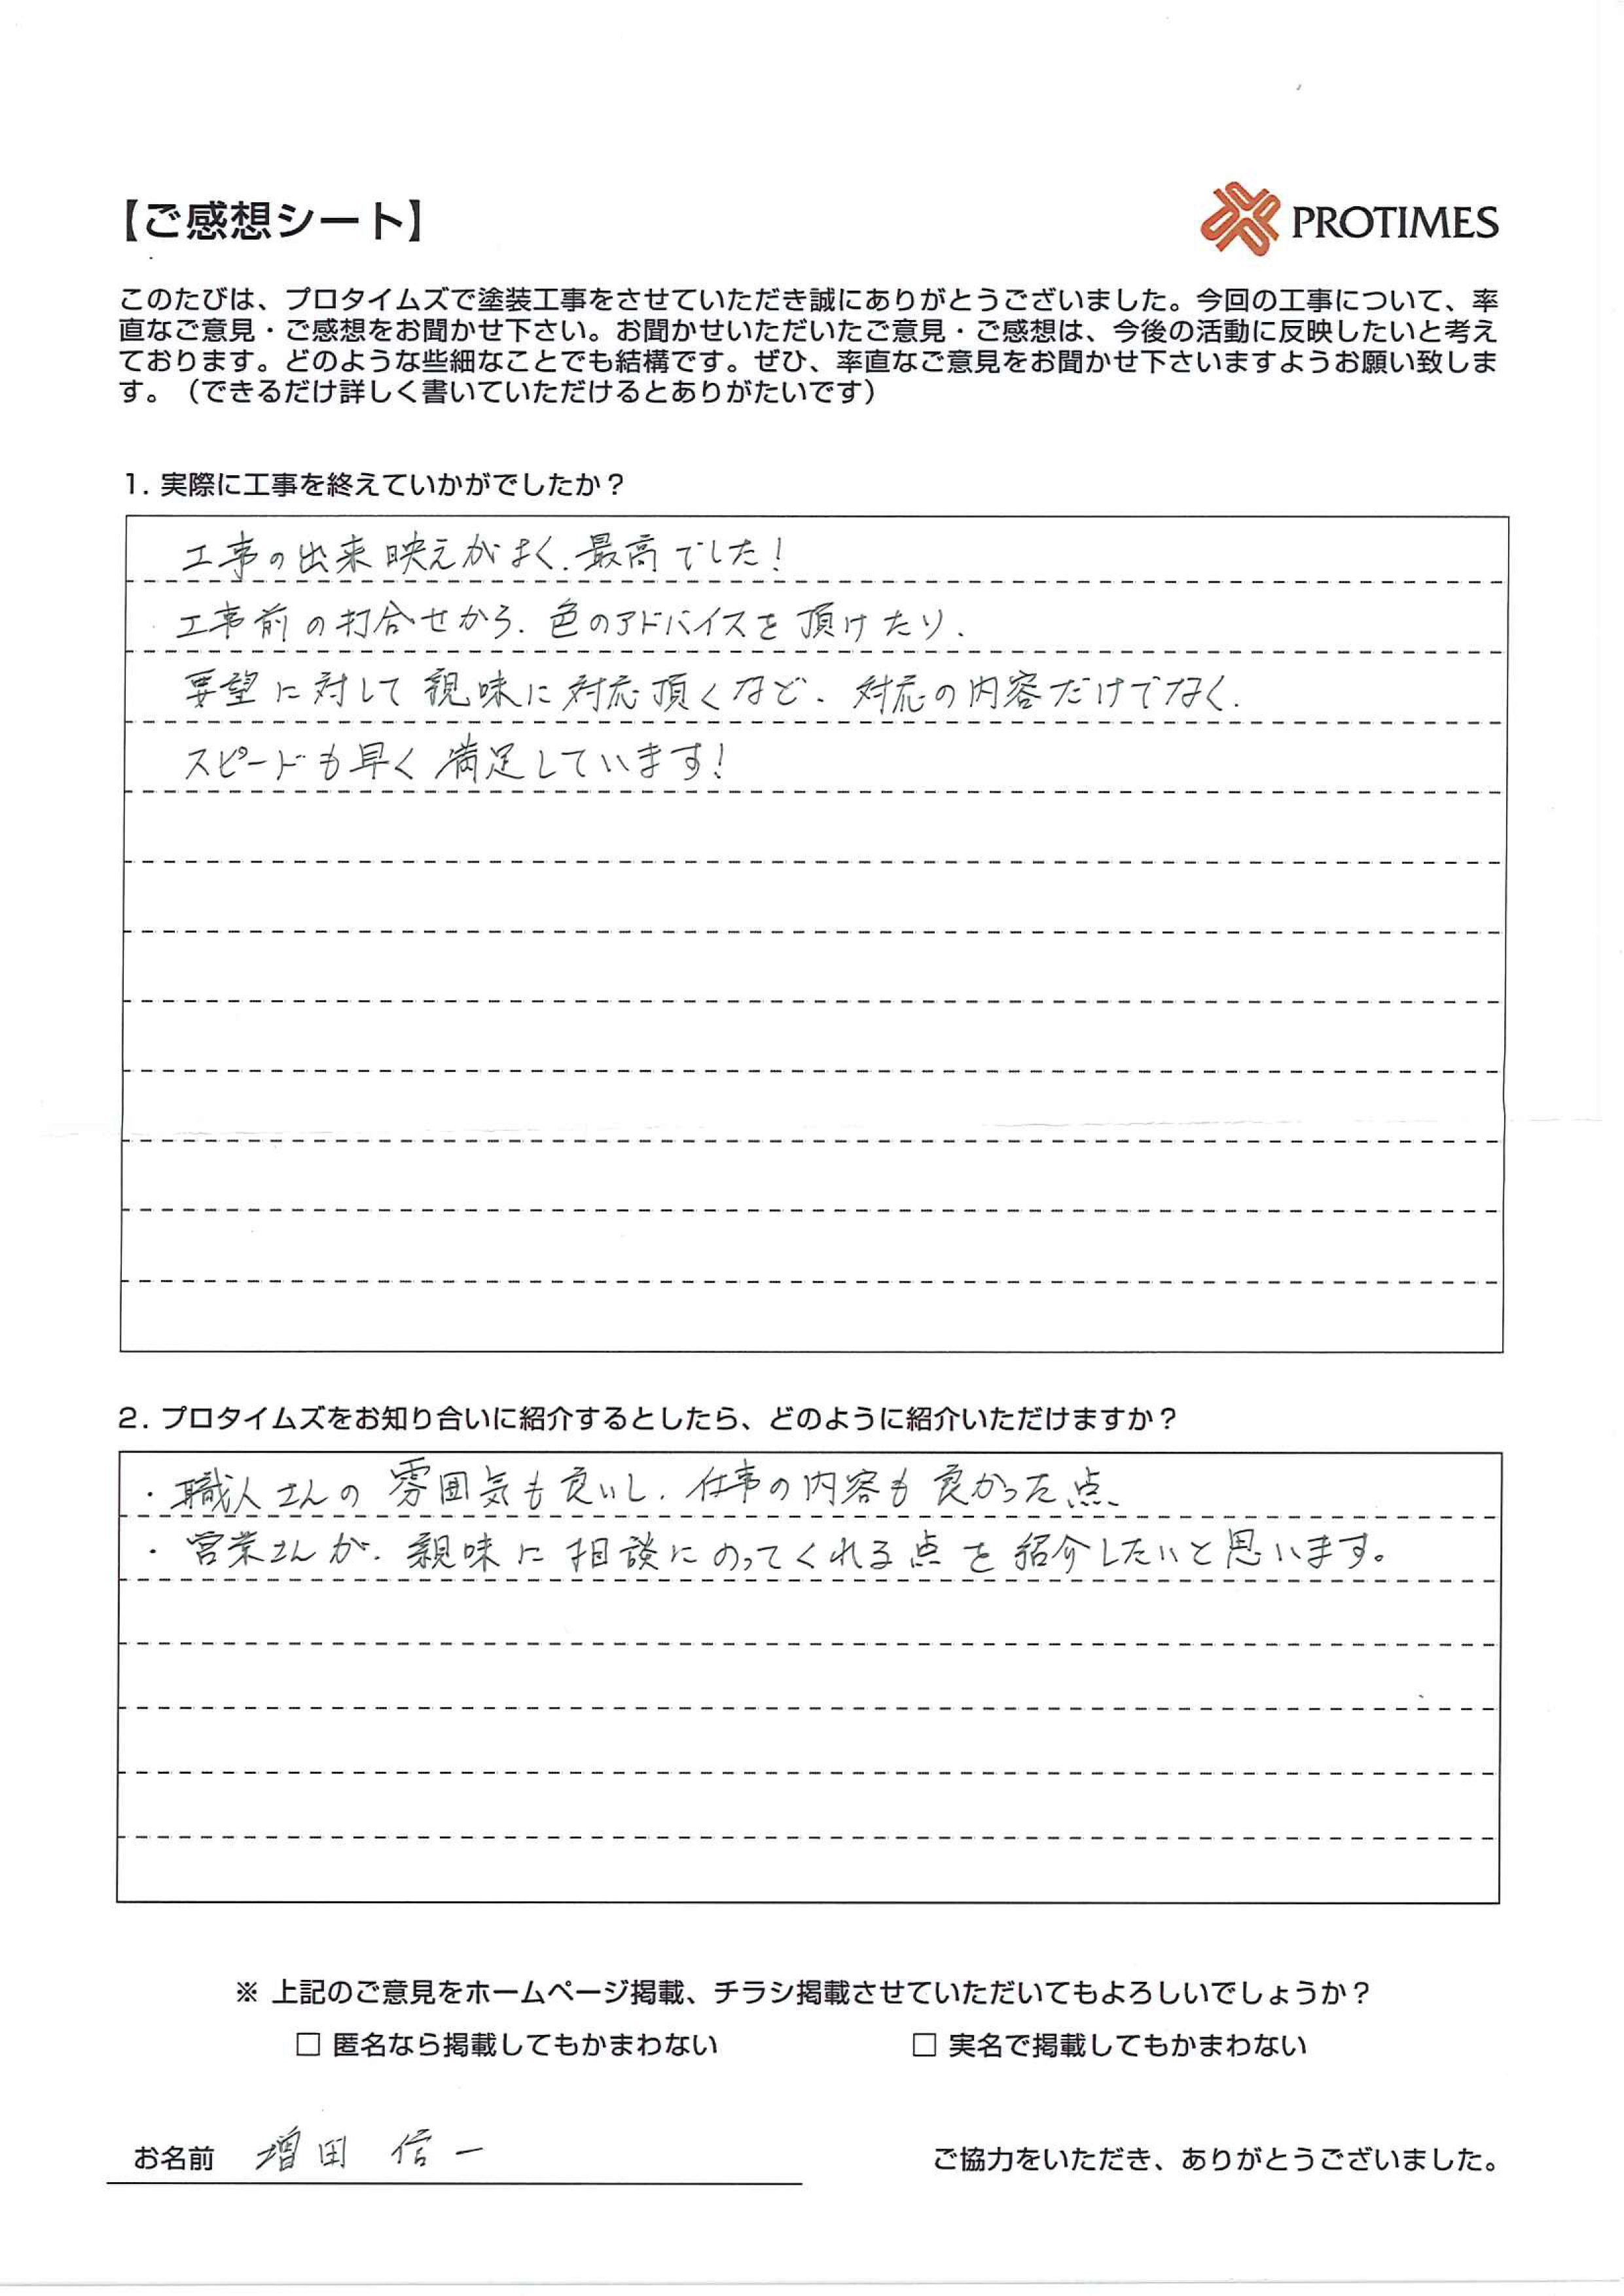 アンケート増田信一様